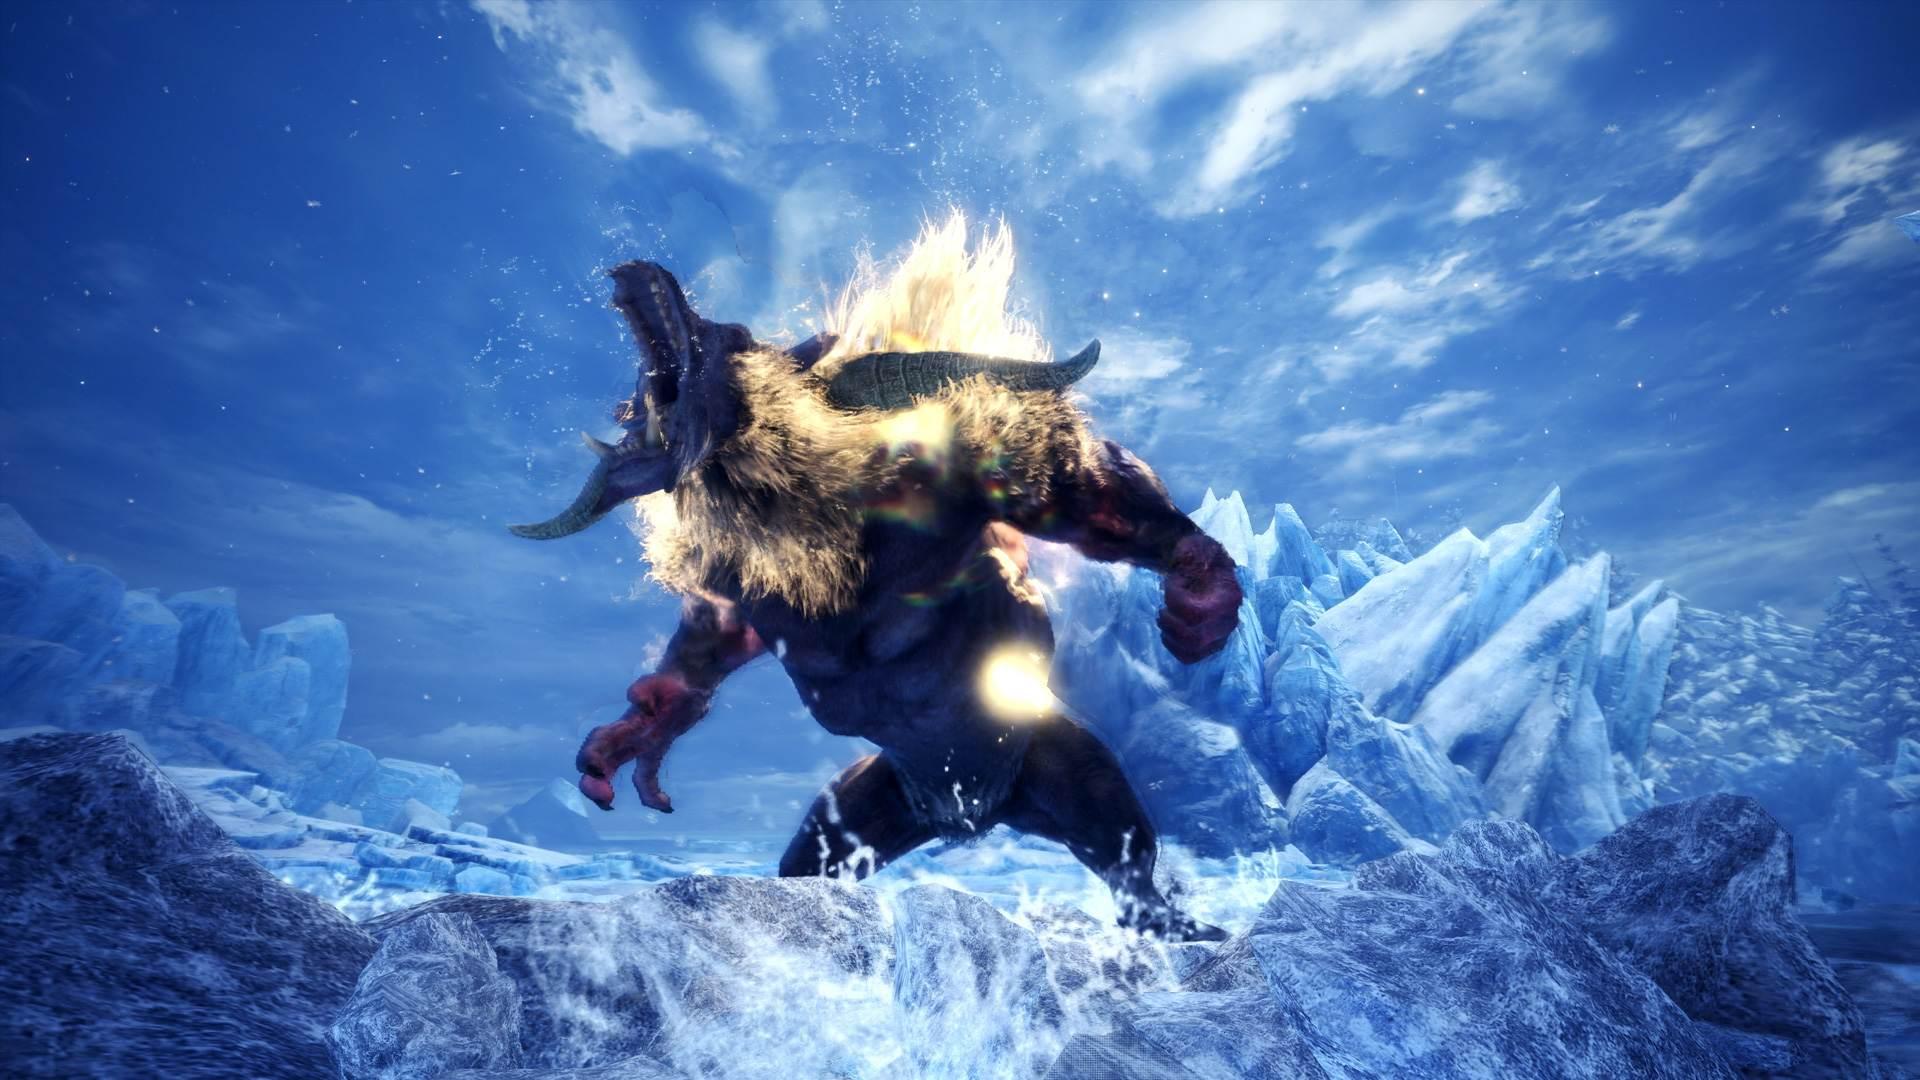 Monster Hunter World - Iceborne: Drittes Titel-Update bringt zwei weitere Monstervarianten mit sich - Neuer Trailer